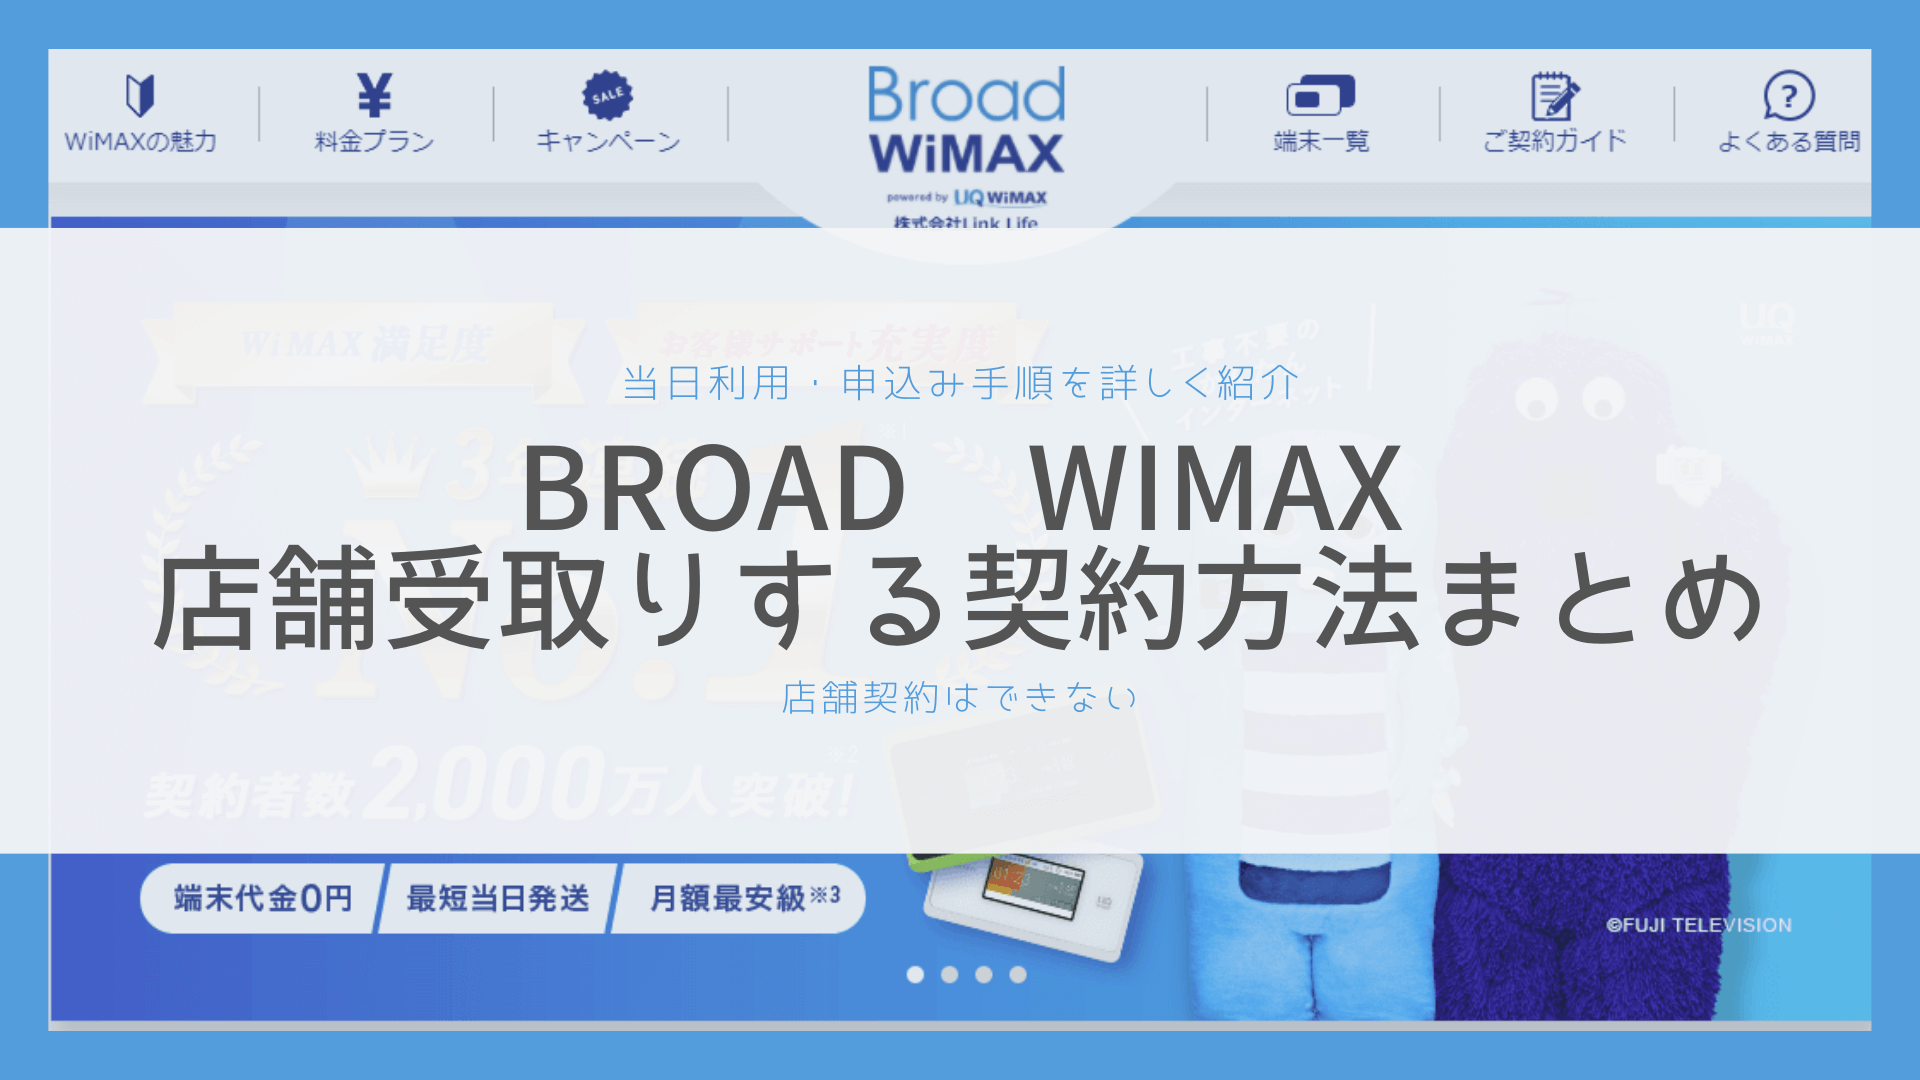 BroadWiMAX店舗受取り